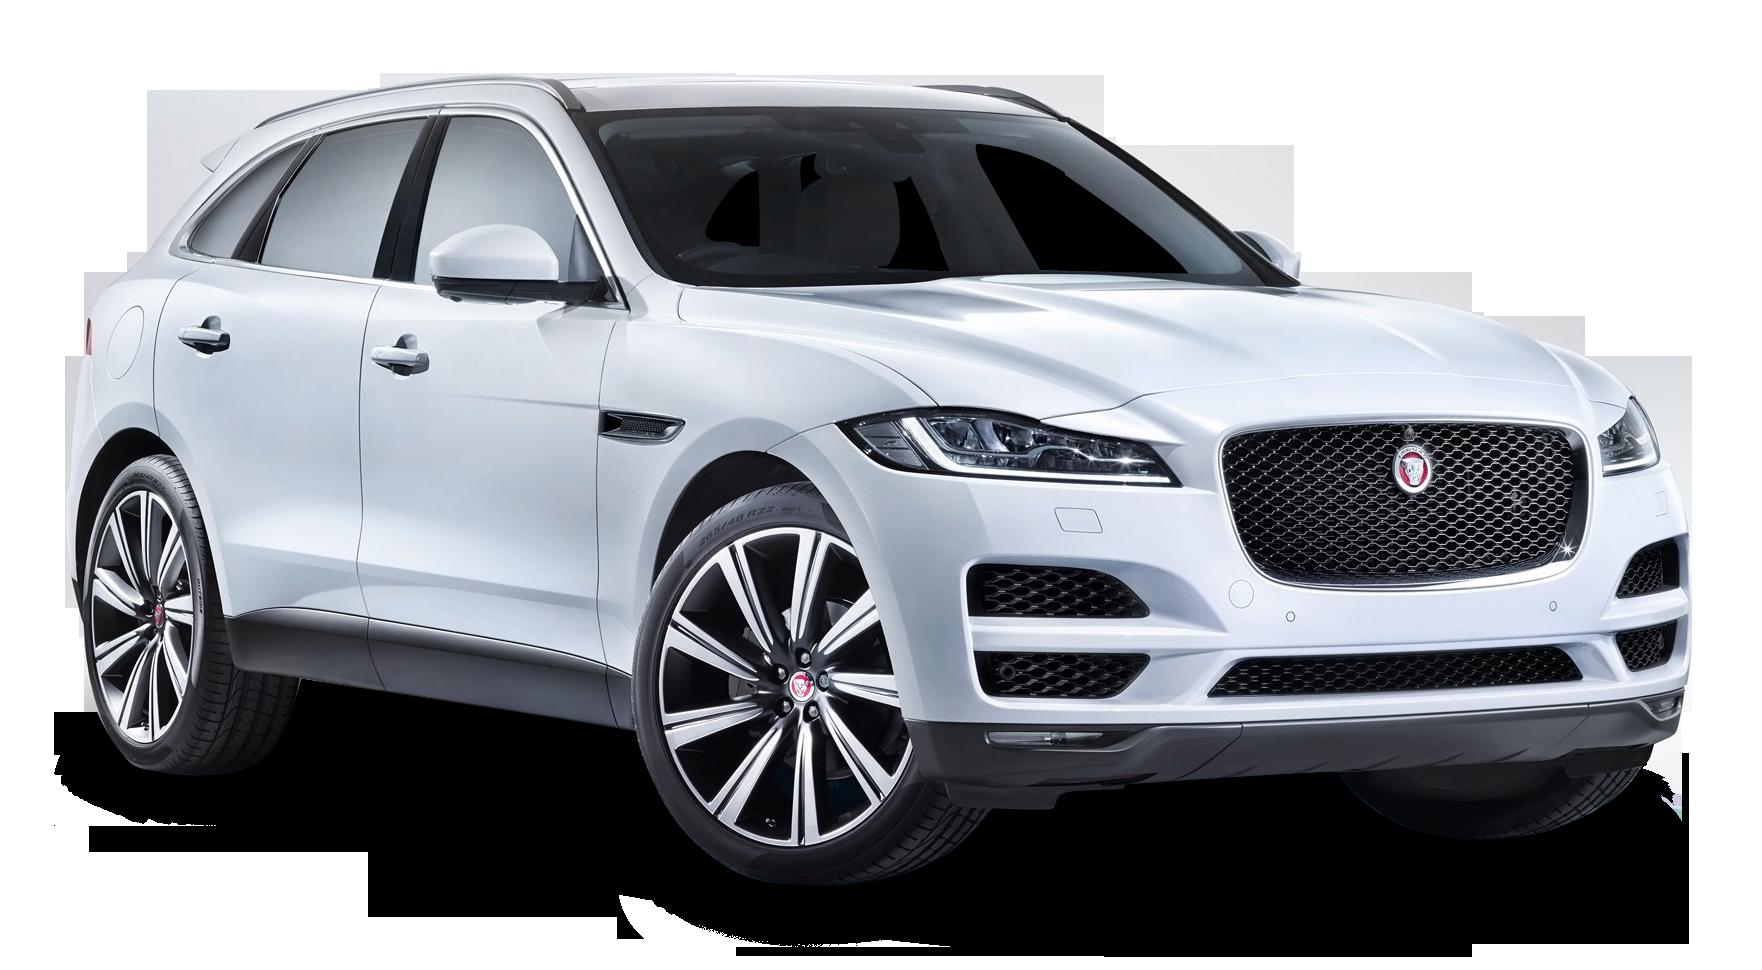 Jaguar F PACE White Car PNG Image